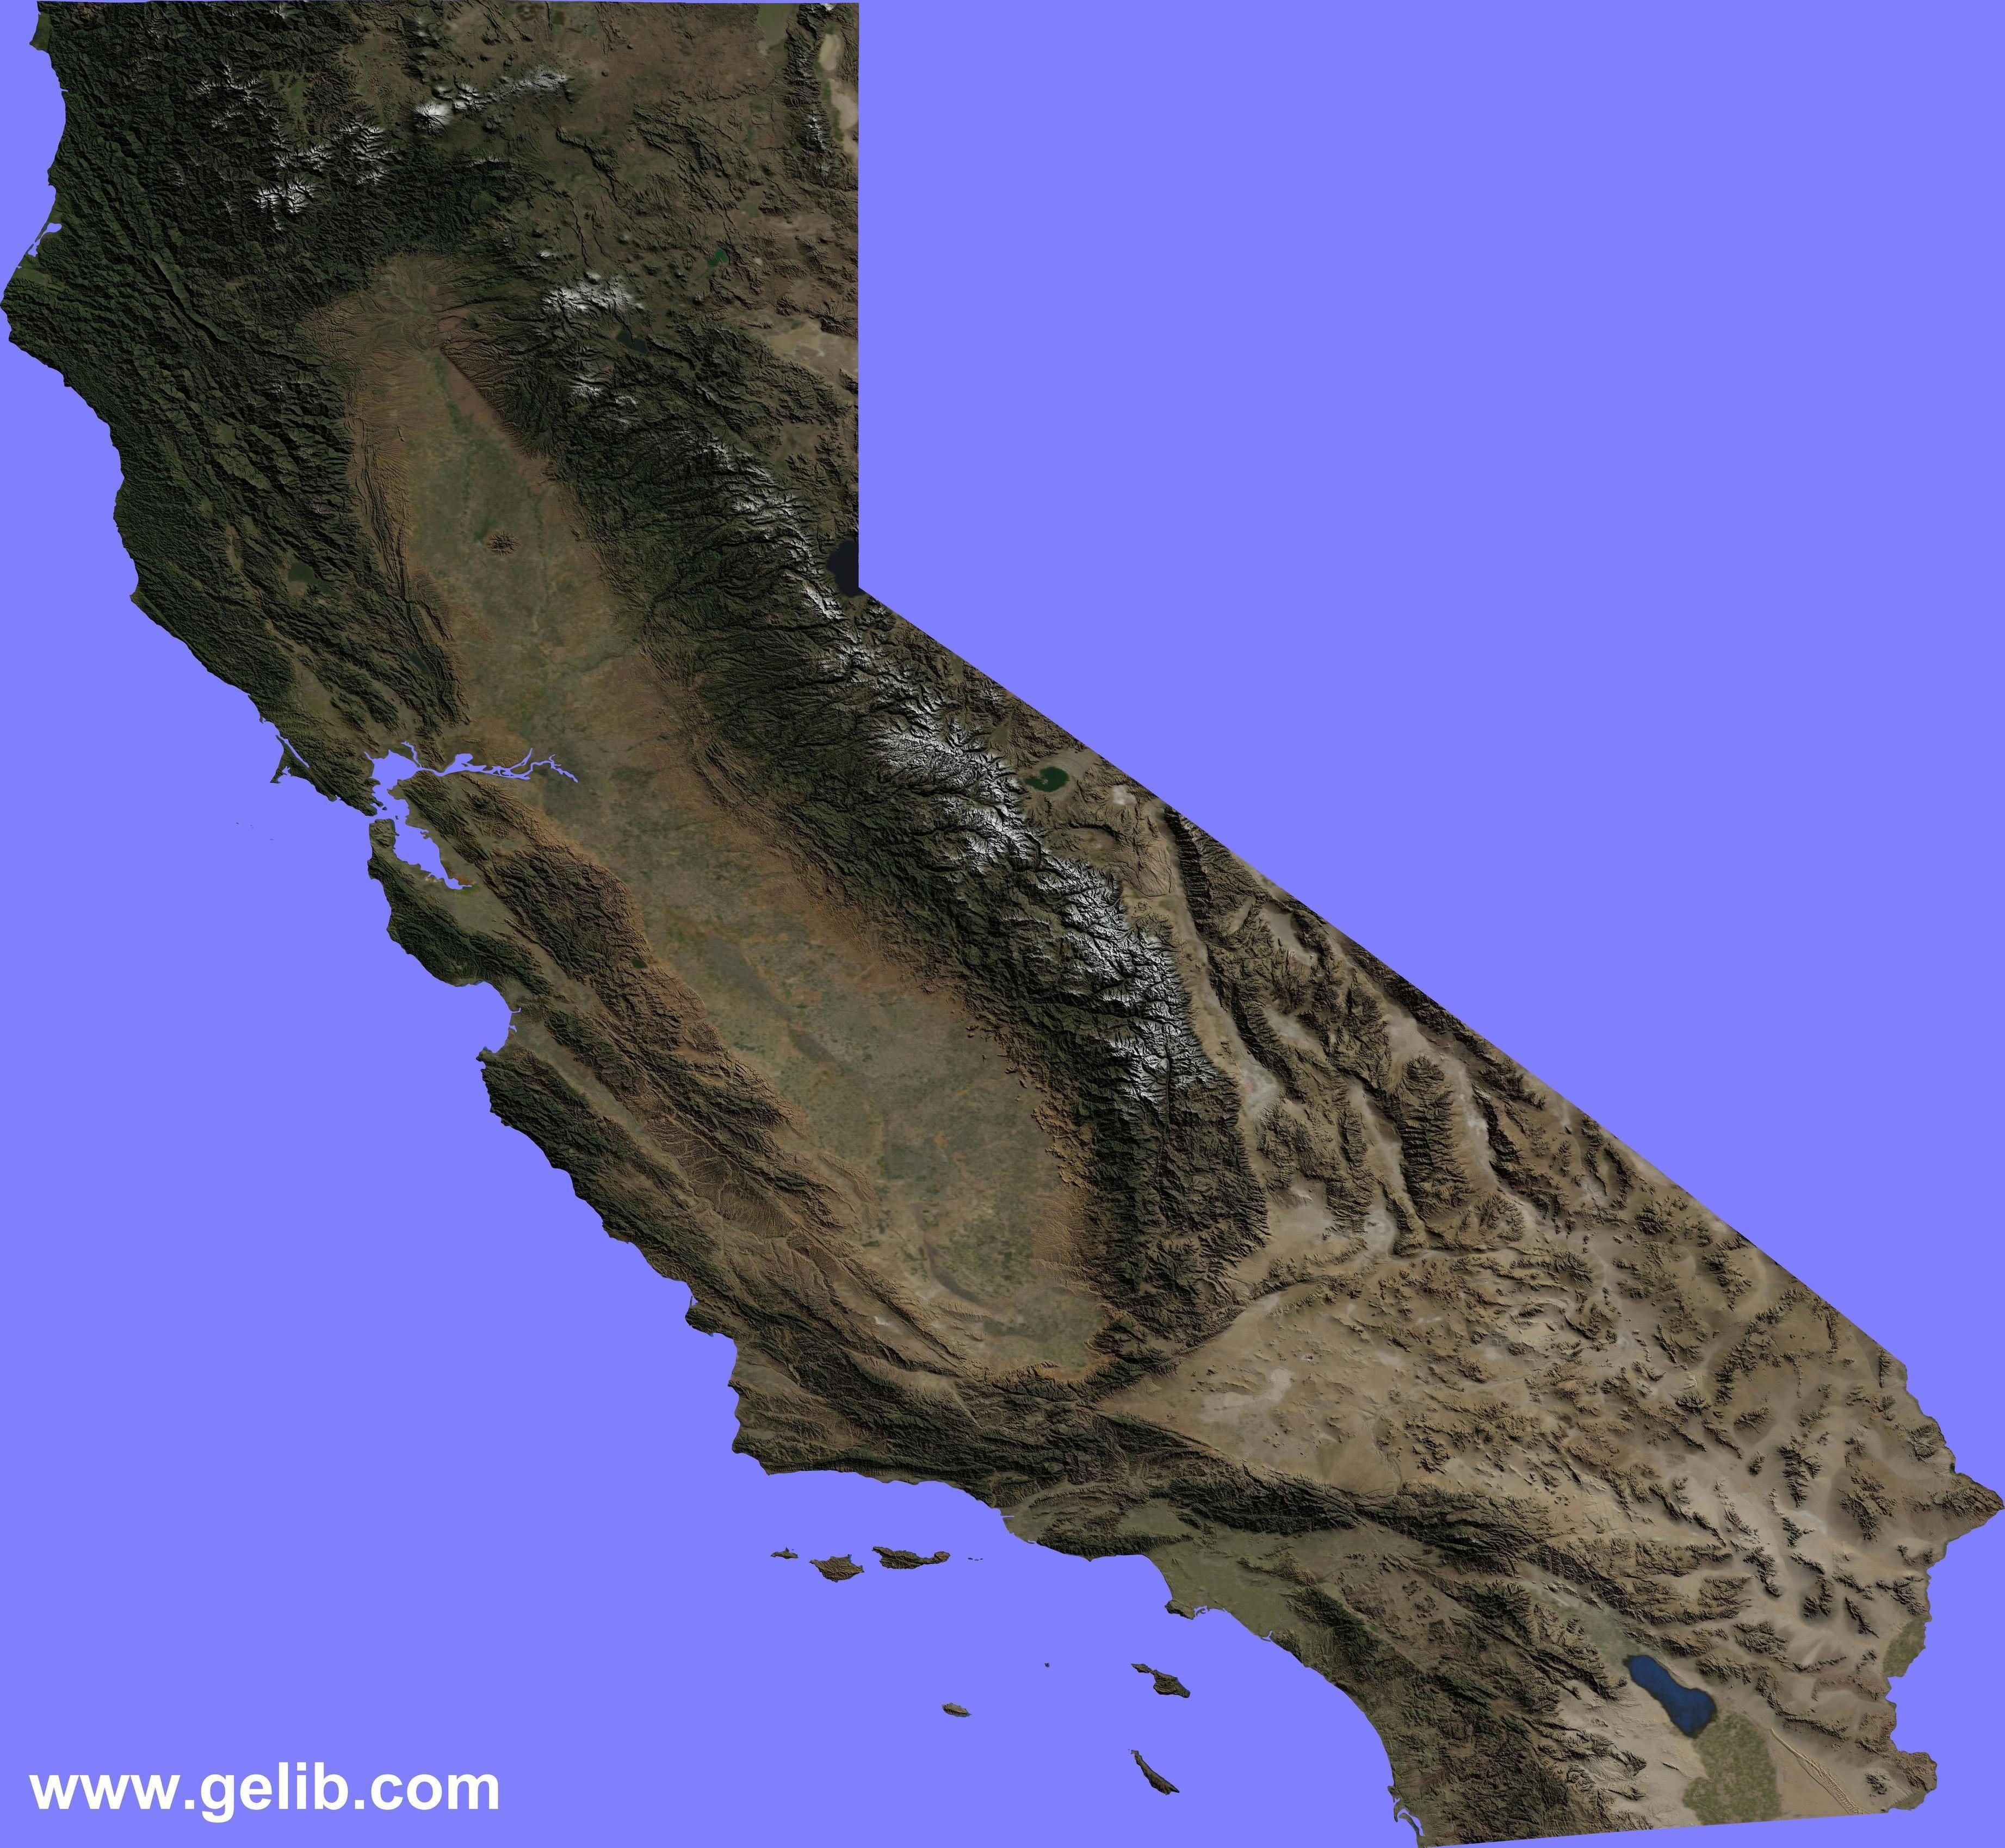 North America Map In 1750%0A Terrain Map of California